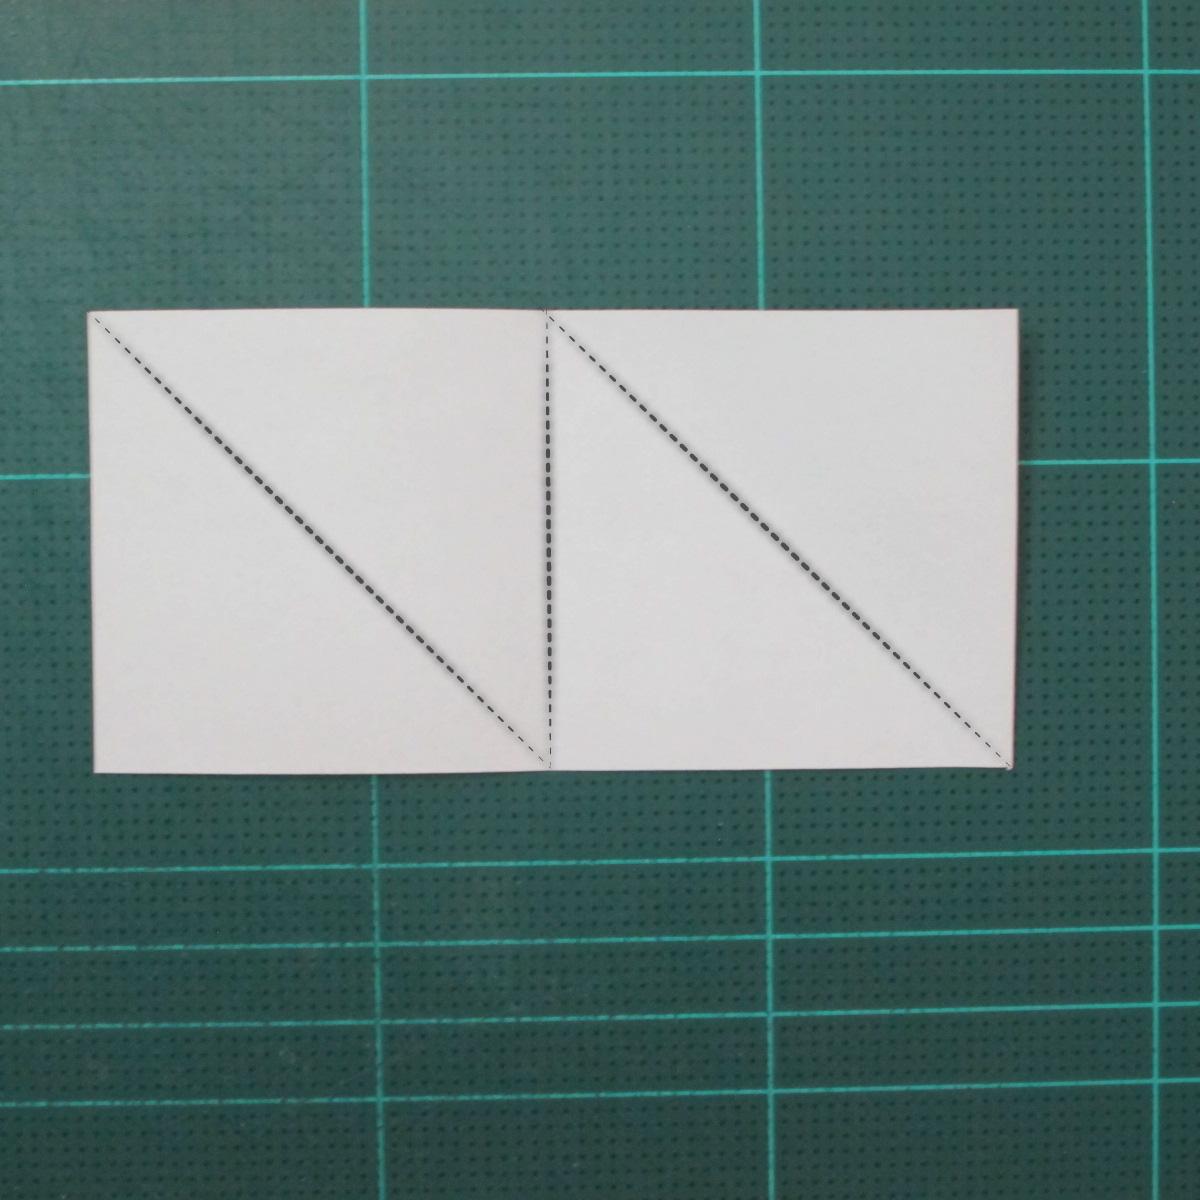 วิธีพับบอลกระดาษแบบเอสเตลล่าฟลอร์ (Estrella Flor Kusudama)011